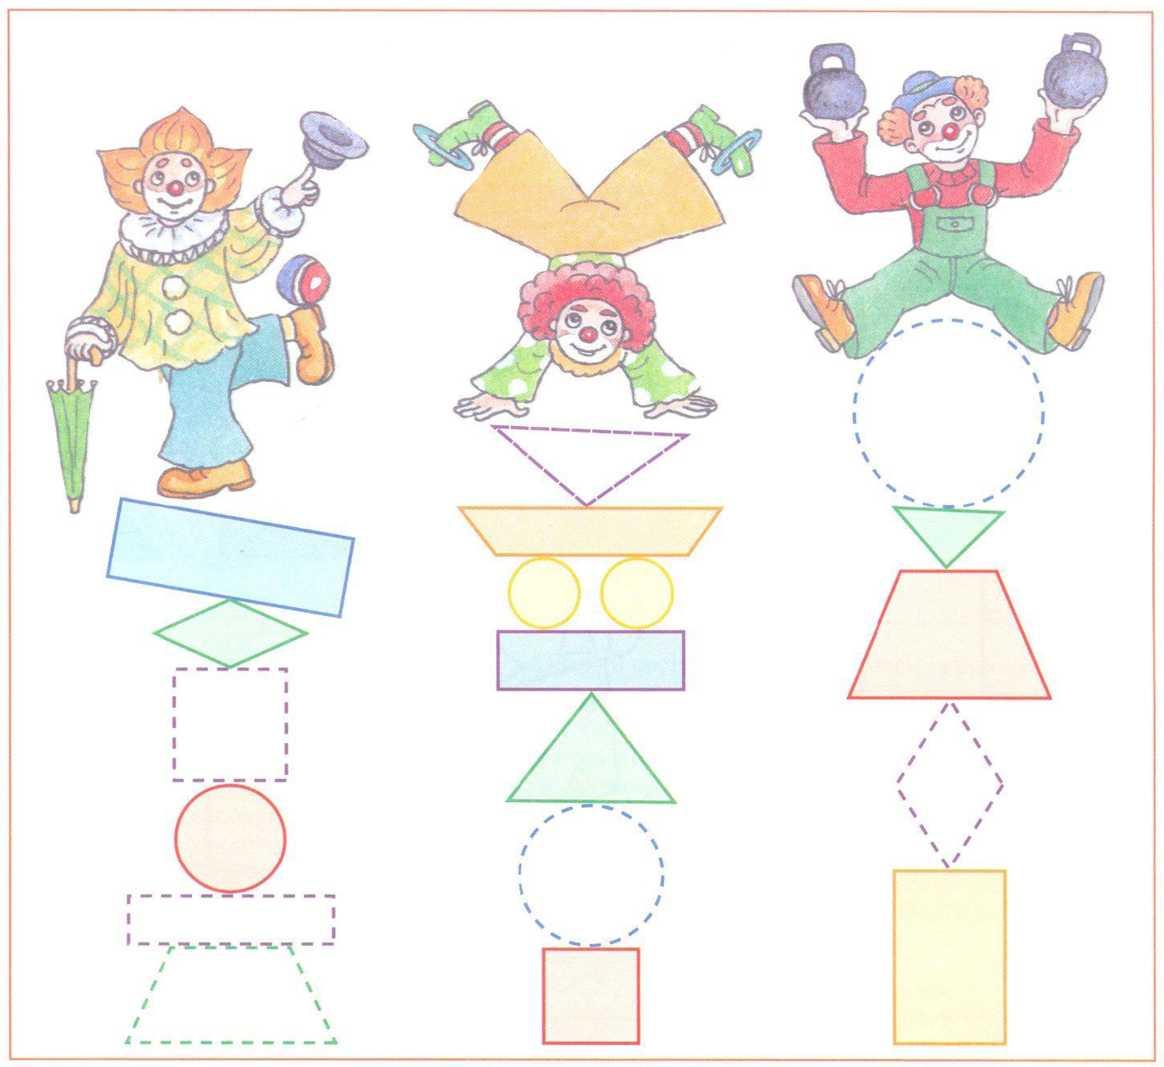 и картинки форм фигур геометрических